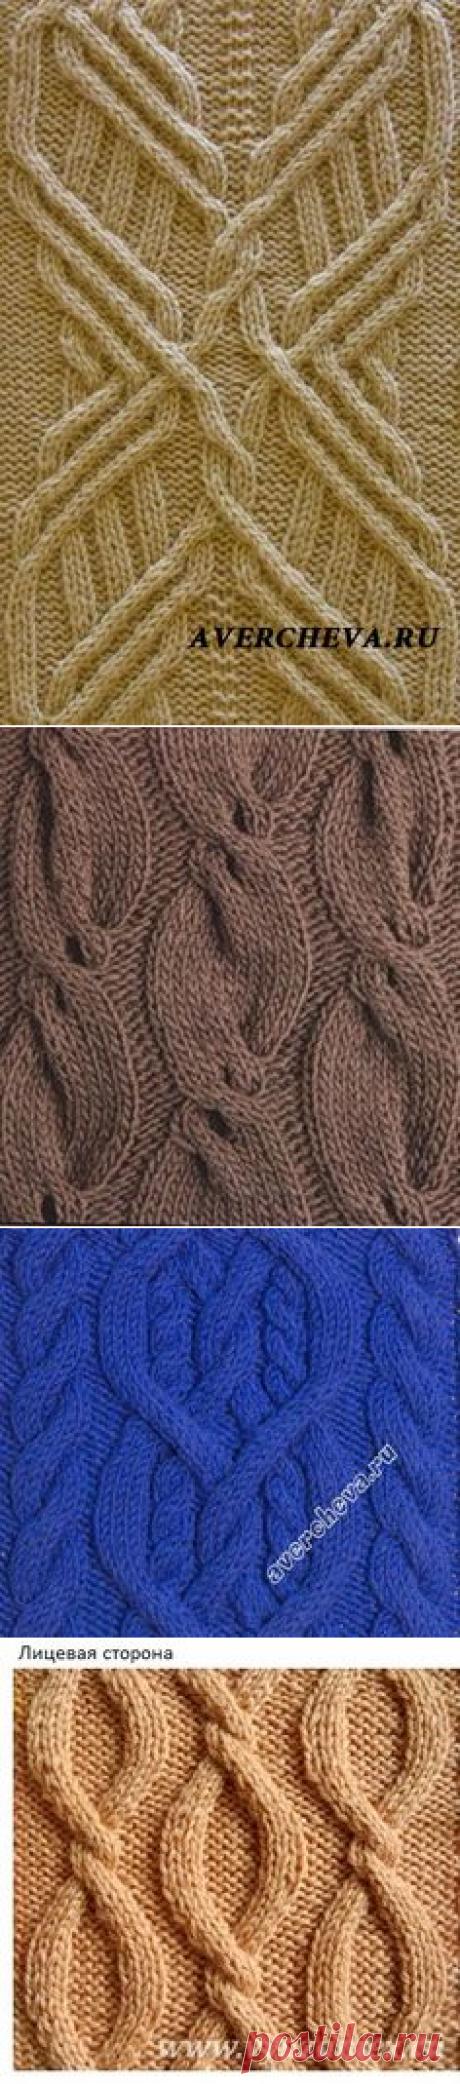 плетенка из переплетающихся кос | каталог вязаных спицами узоров | ВЯЗАНИЕ.СХЕМЫ | Free pattern, Patterns and Cable